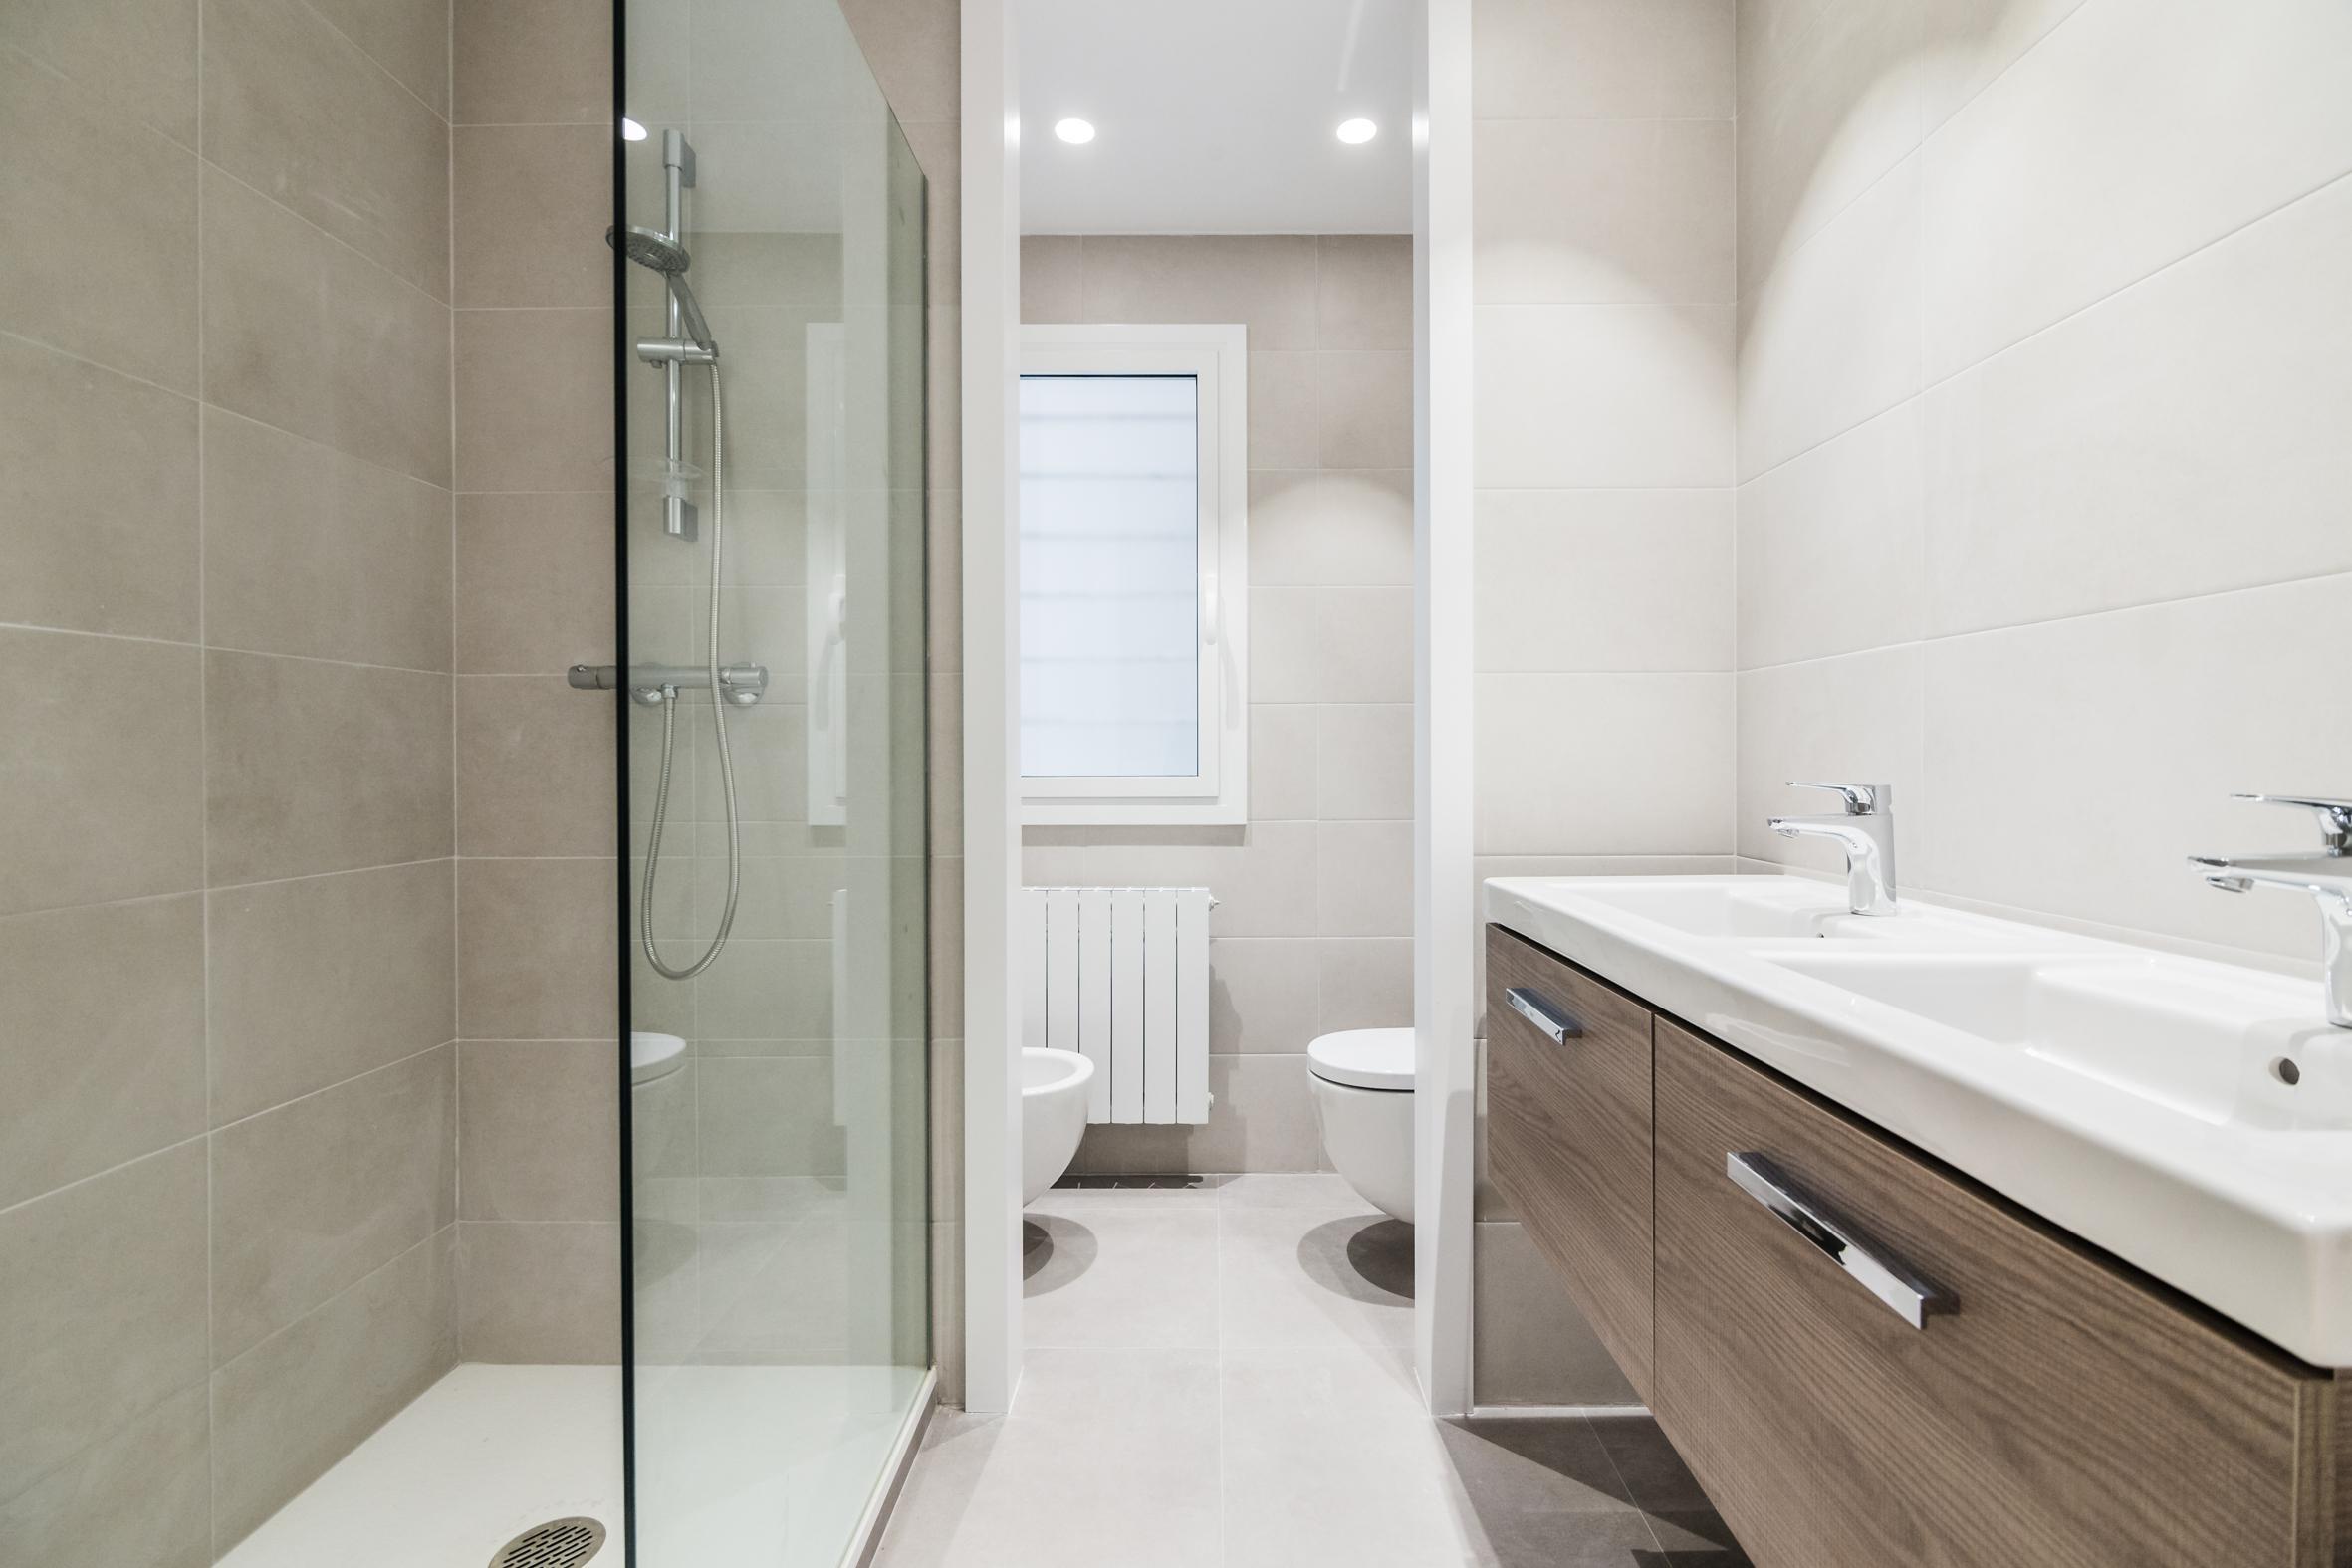 202959 Apartamento en venda en Sarrià-Sant Gervasi, St. Gervasi-Bonanova 4